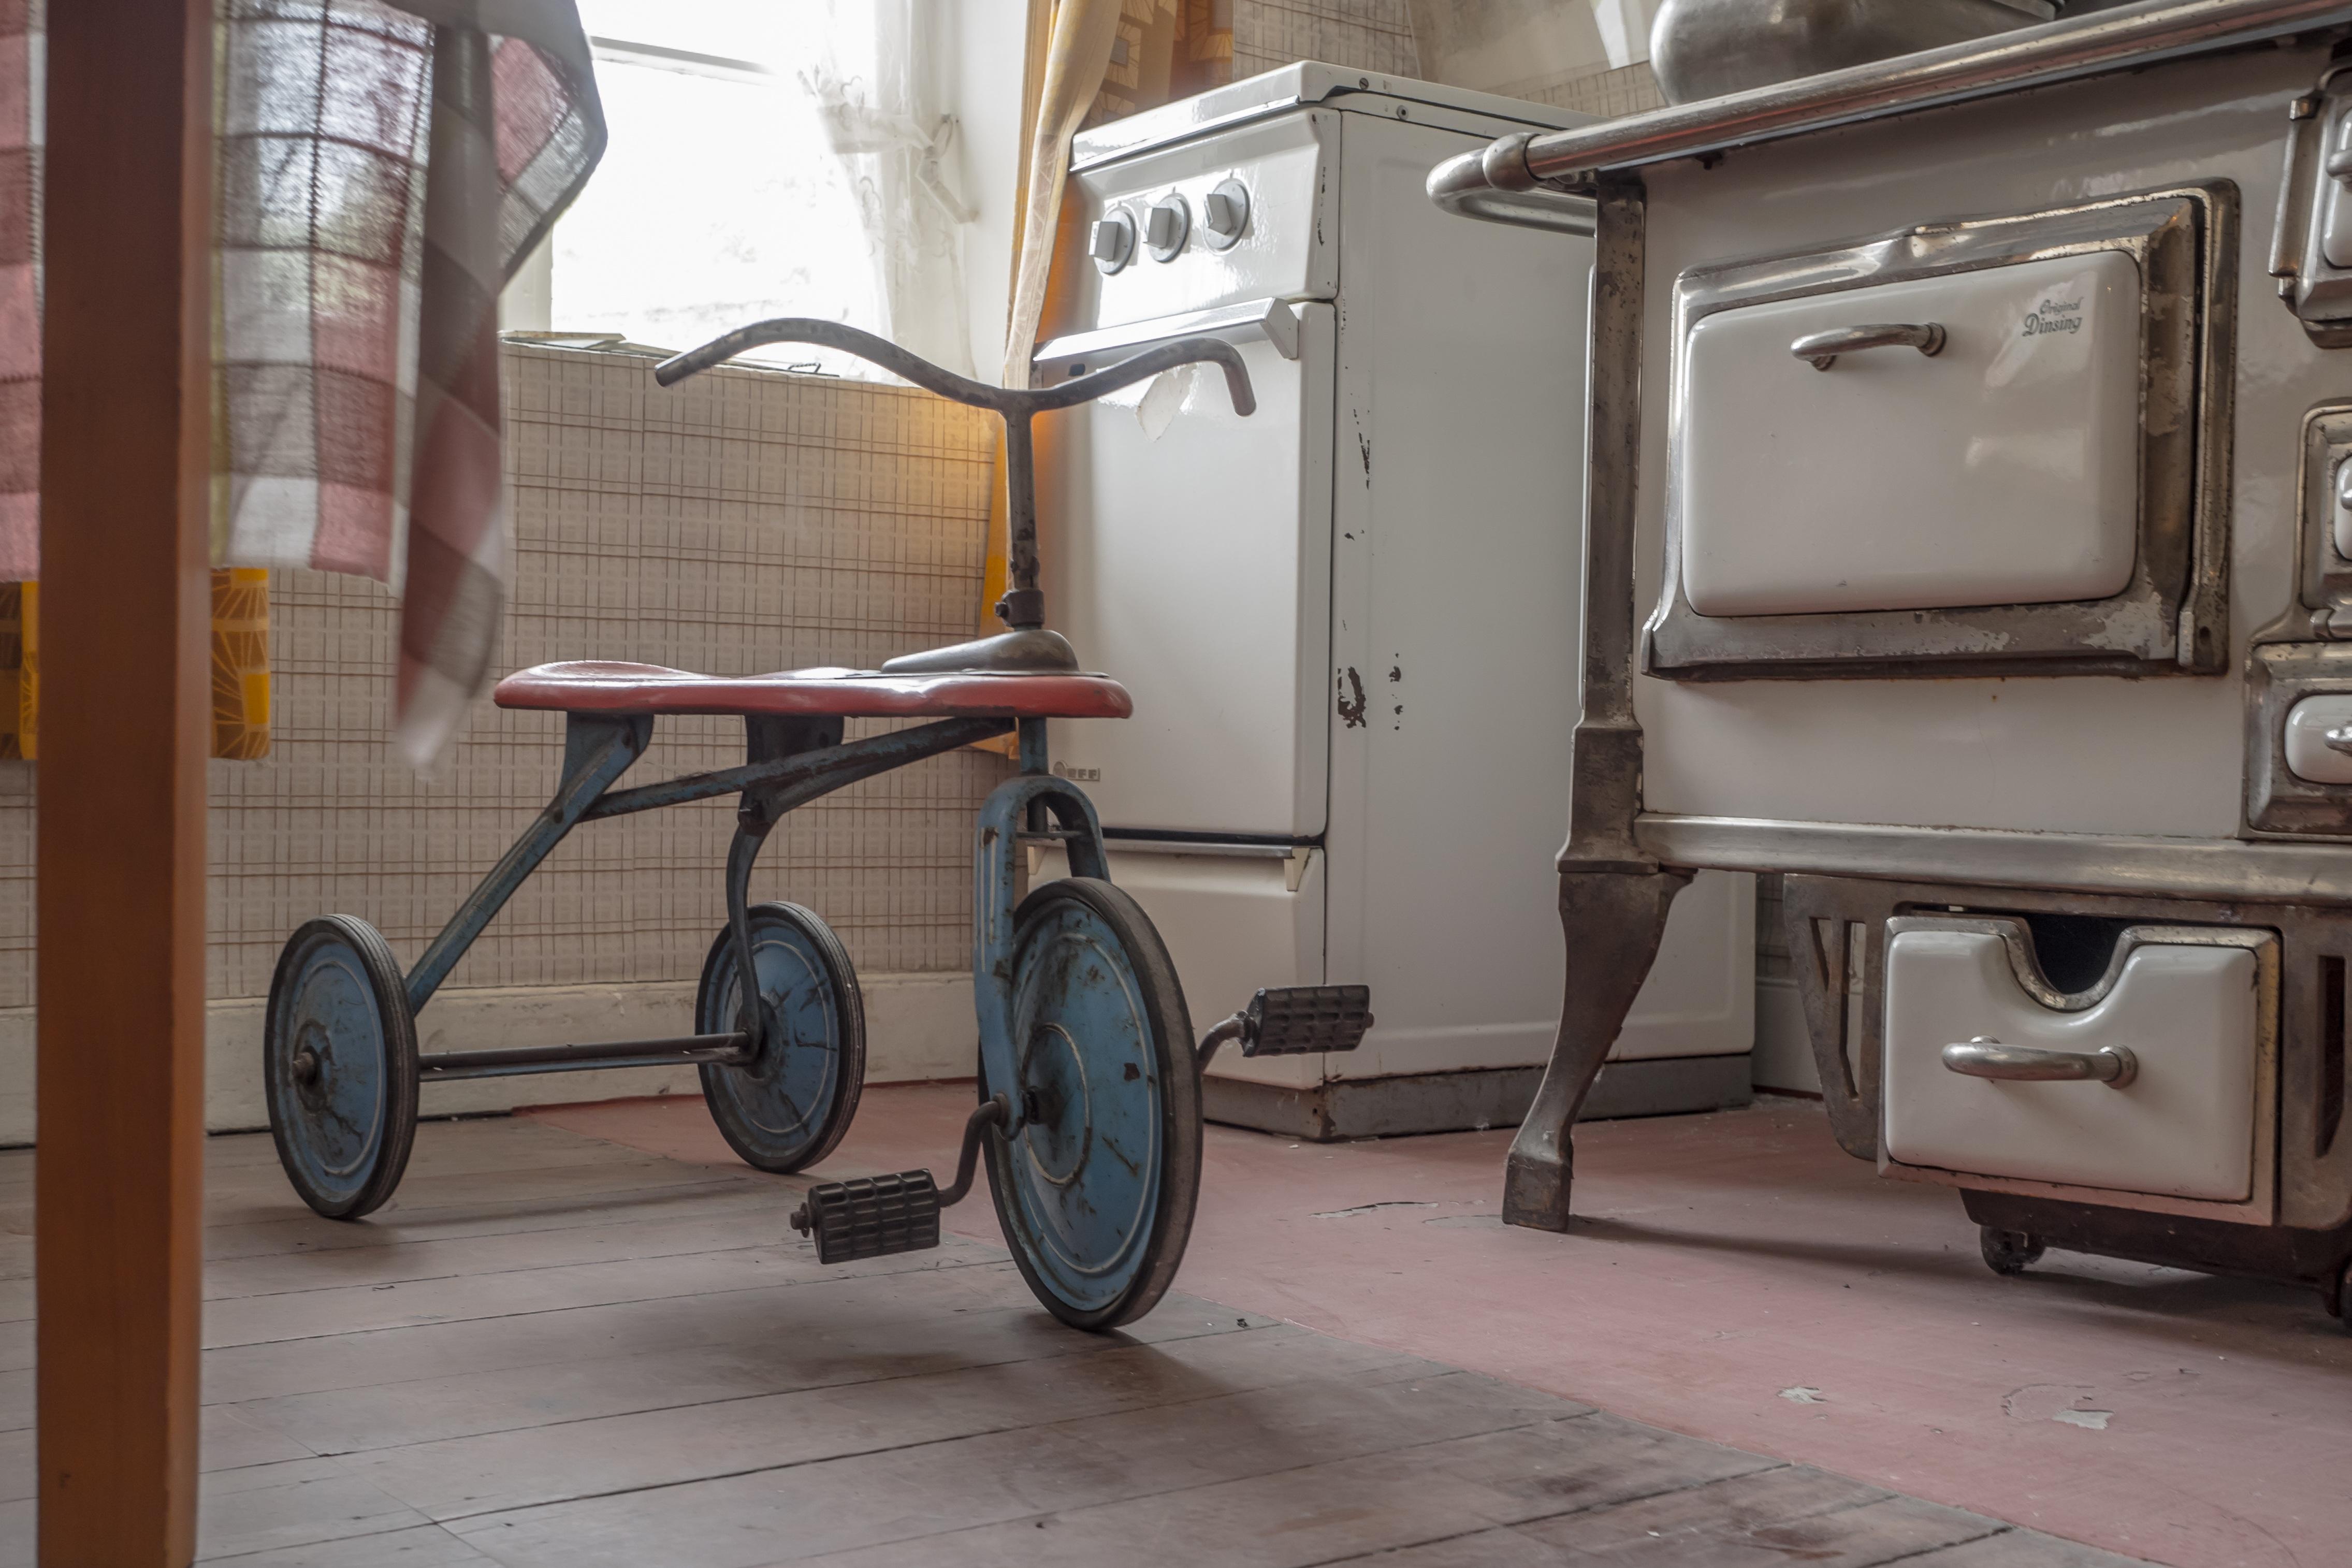 Kostenlose foto : Antiquität, Rad, spielen, Retro, Dreirad, Fahrrad ...